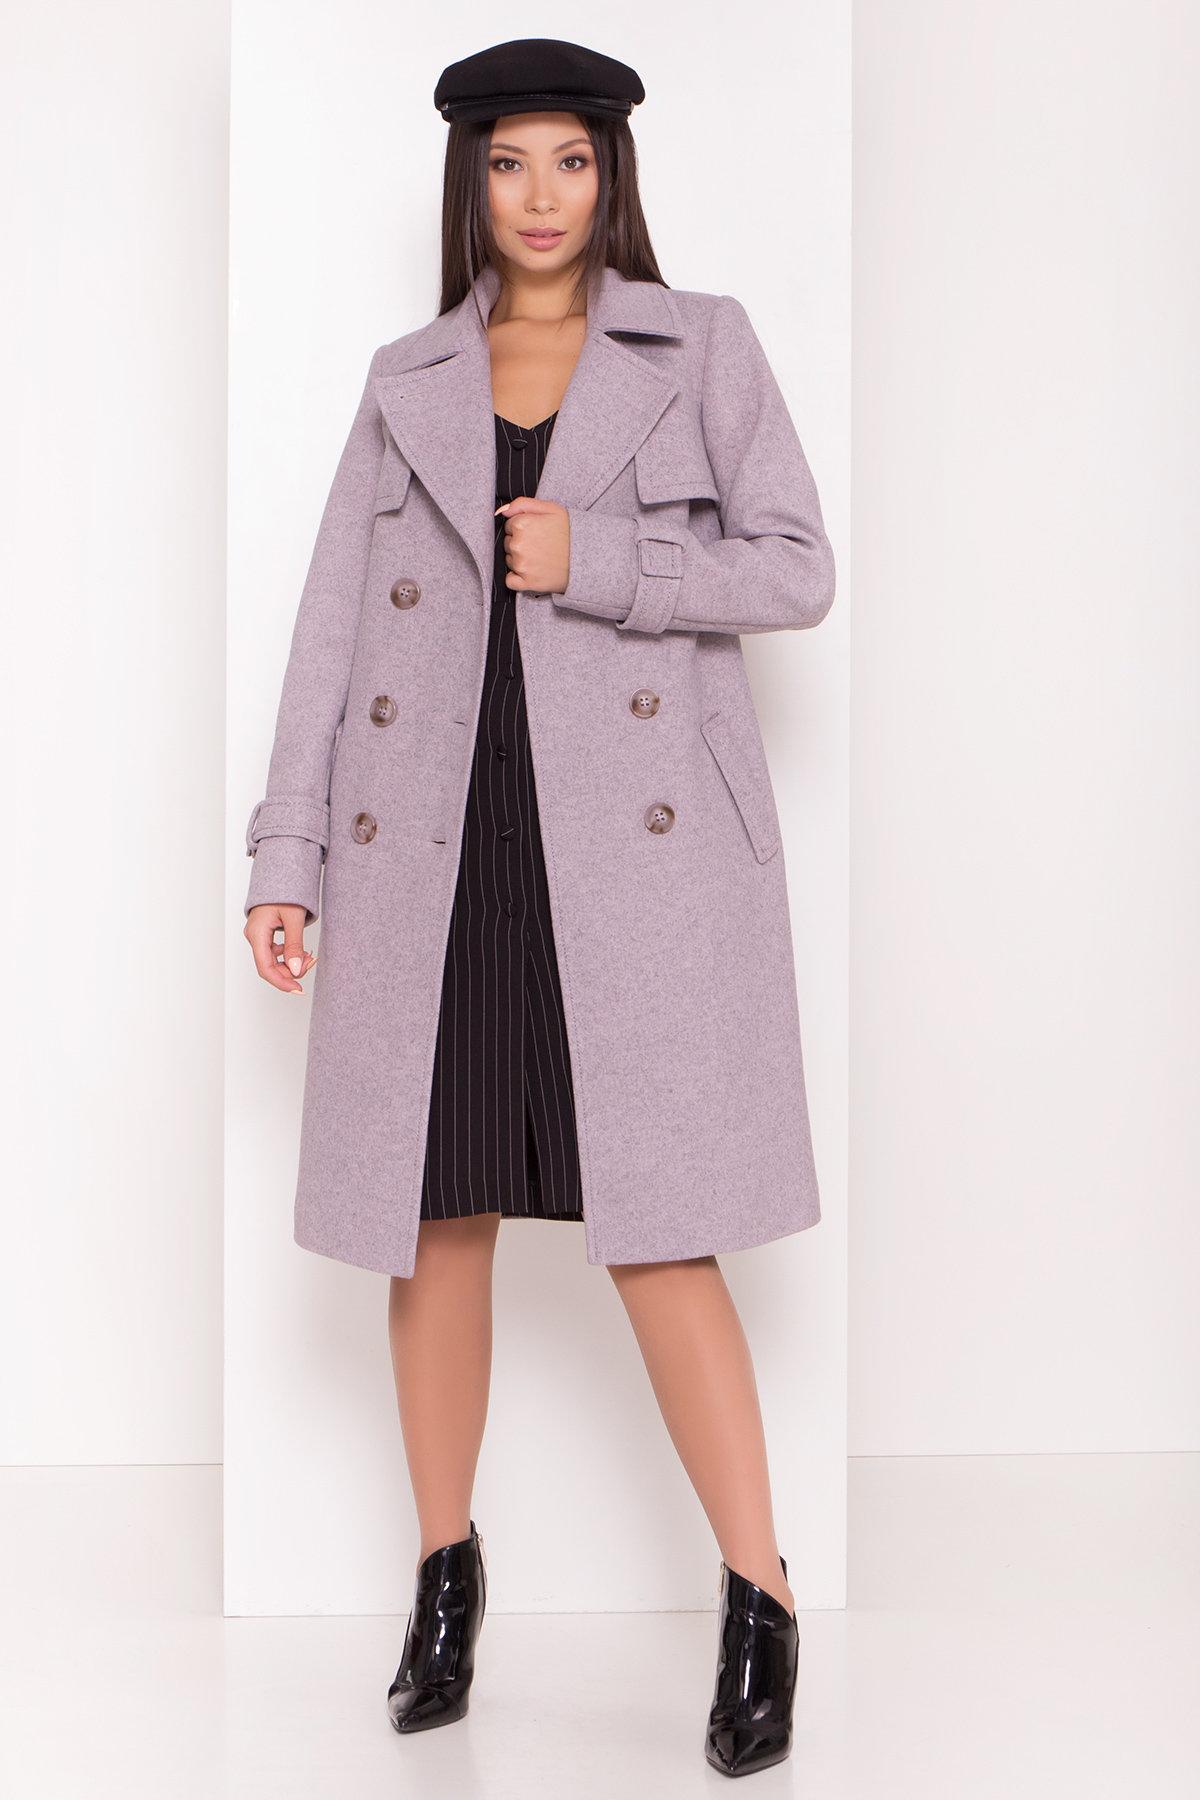 Двубортное пальто демисезон Монте 8089 АРТ. 44031 Цвет: Серый-розовый - фото 1, интернет магазин tm-modus.ru